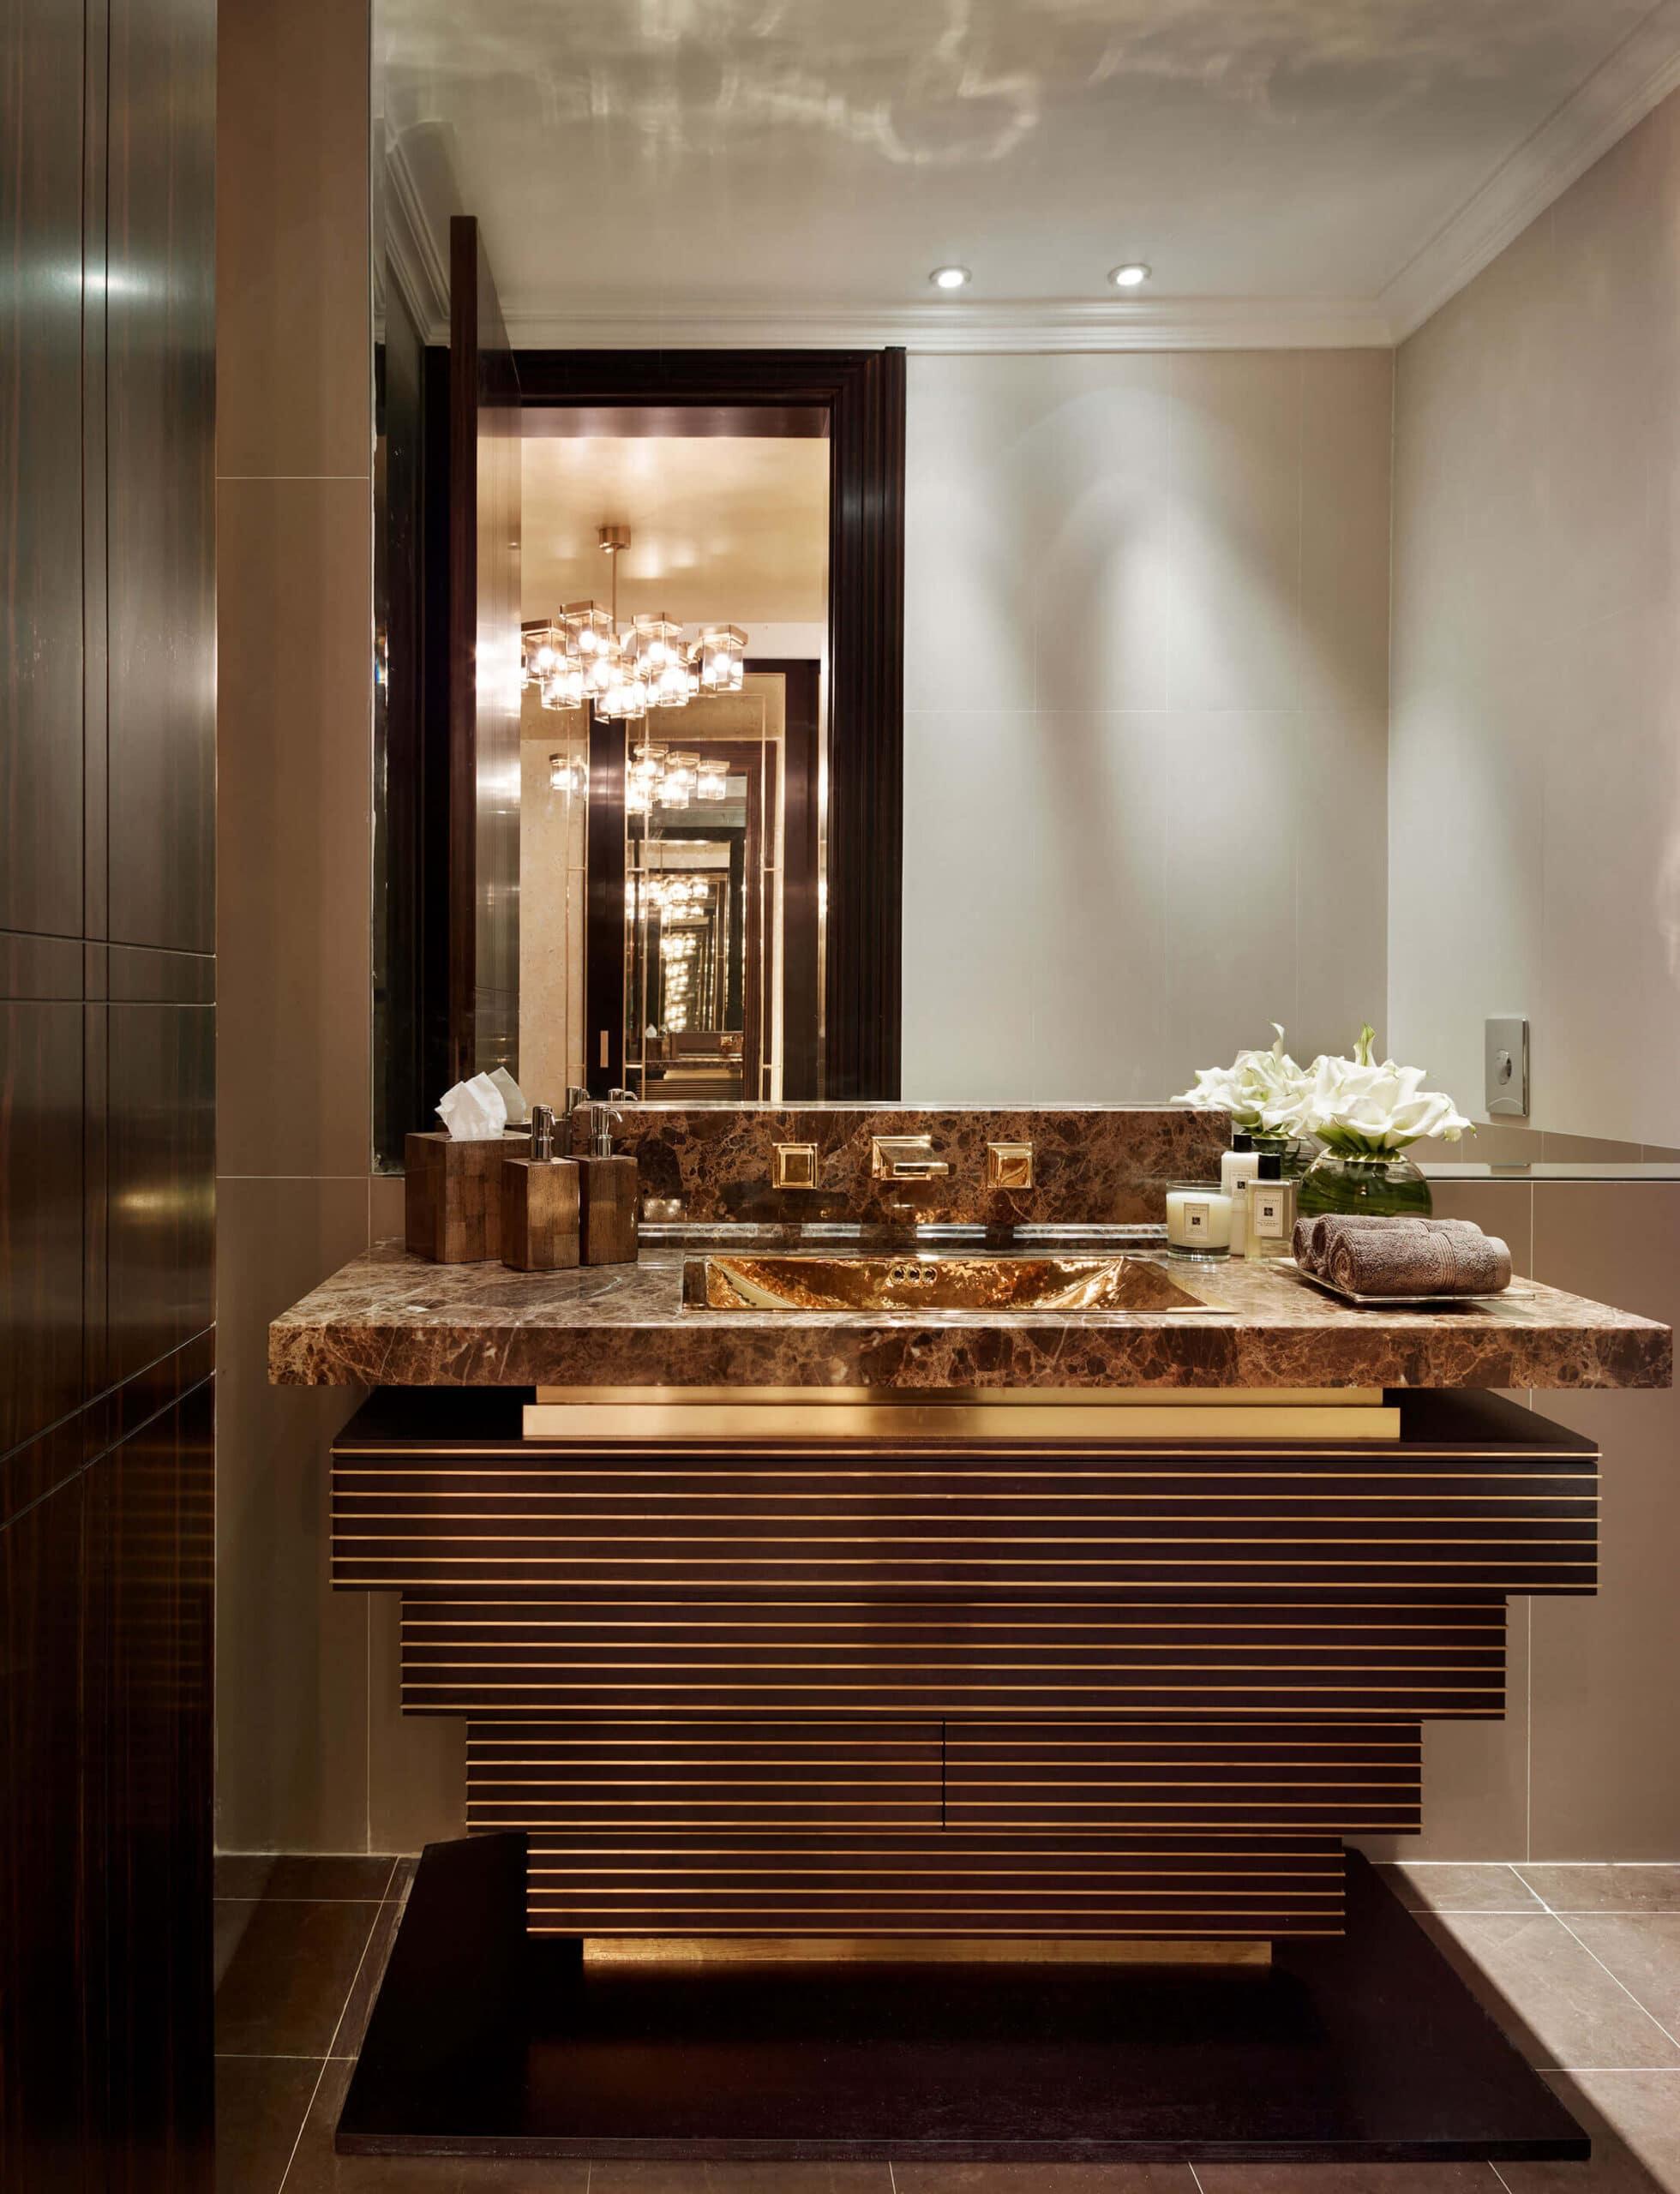 Qatar interior designer